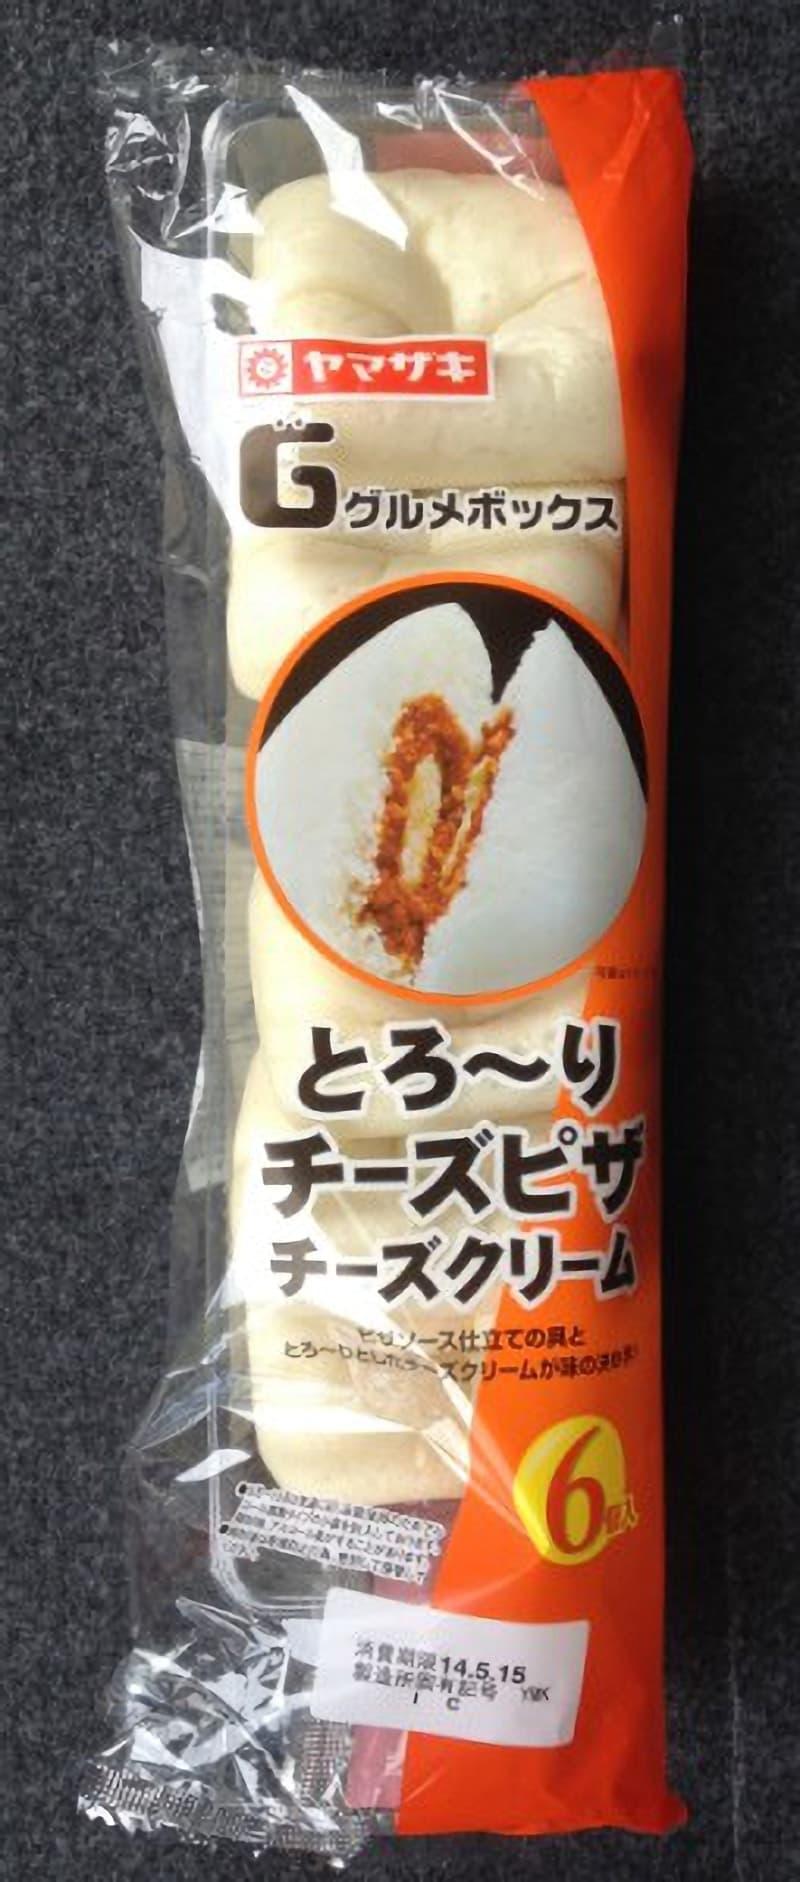 [3]が投稿したヤマザキ グルメボックス とろ~りチーズピザ チーズクリームの写真